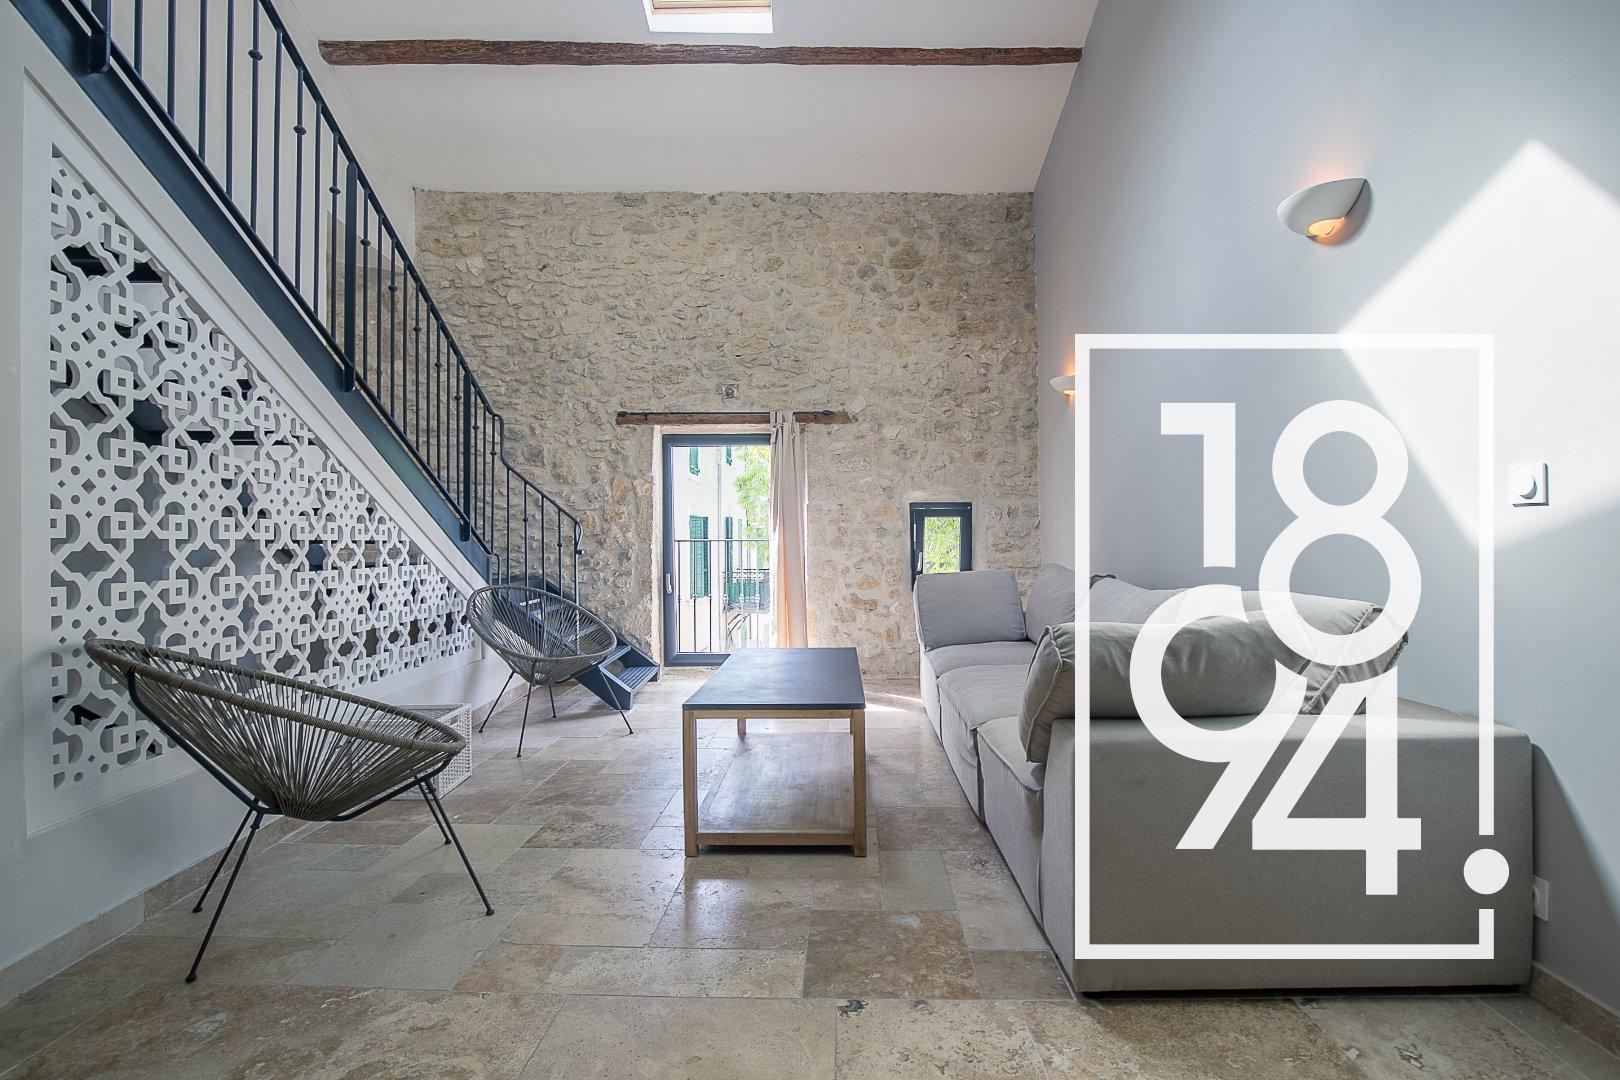 Maison de ville entièrement rénovée de 120m2 avec garage et terrasse tropézienne à Alleins